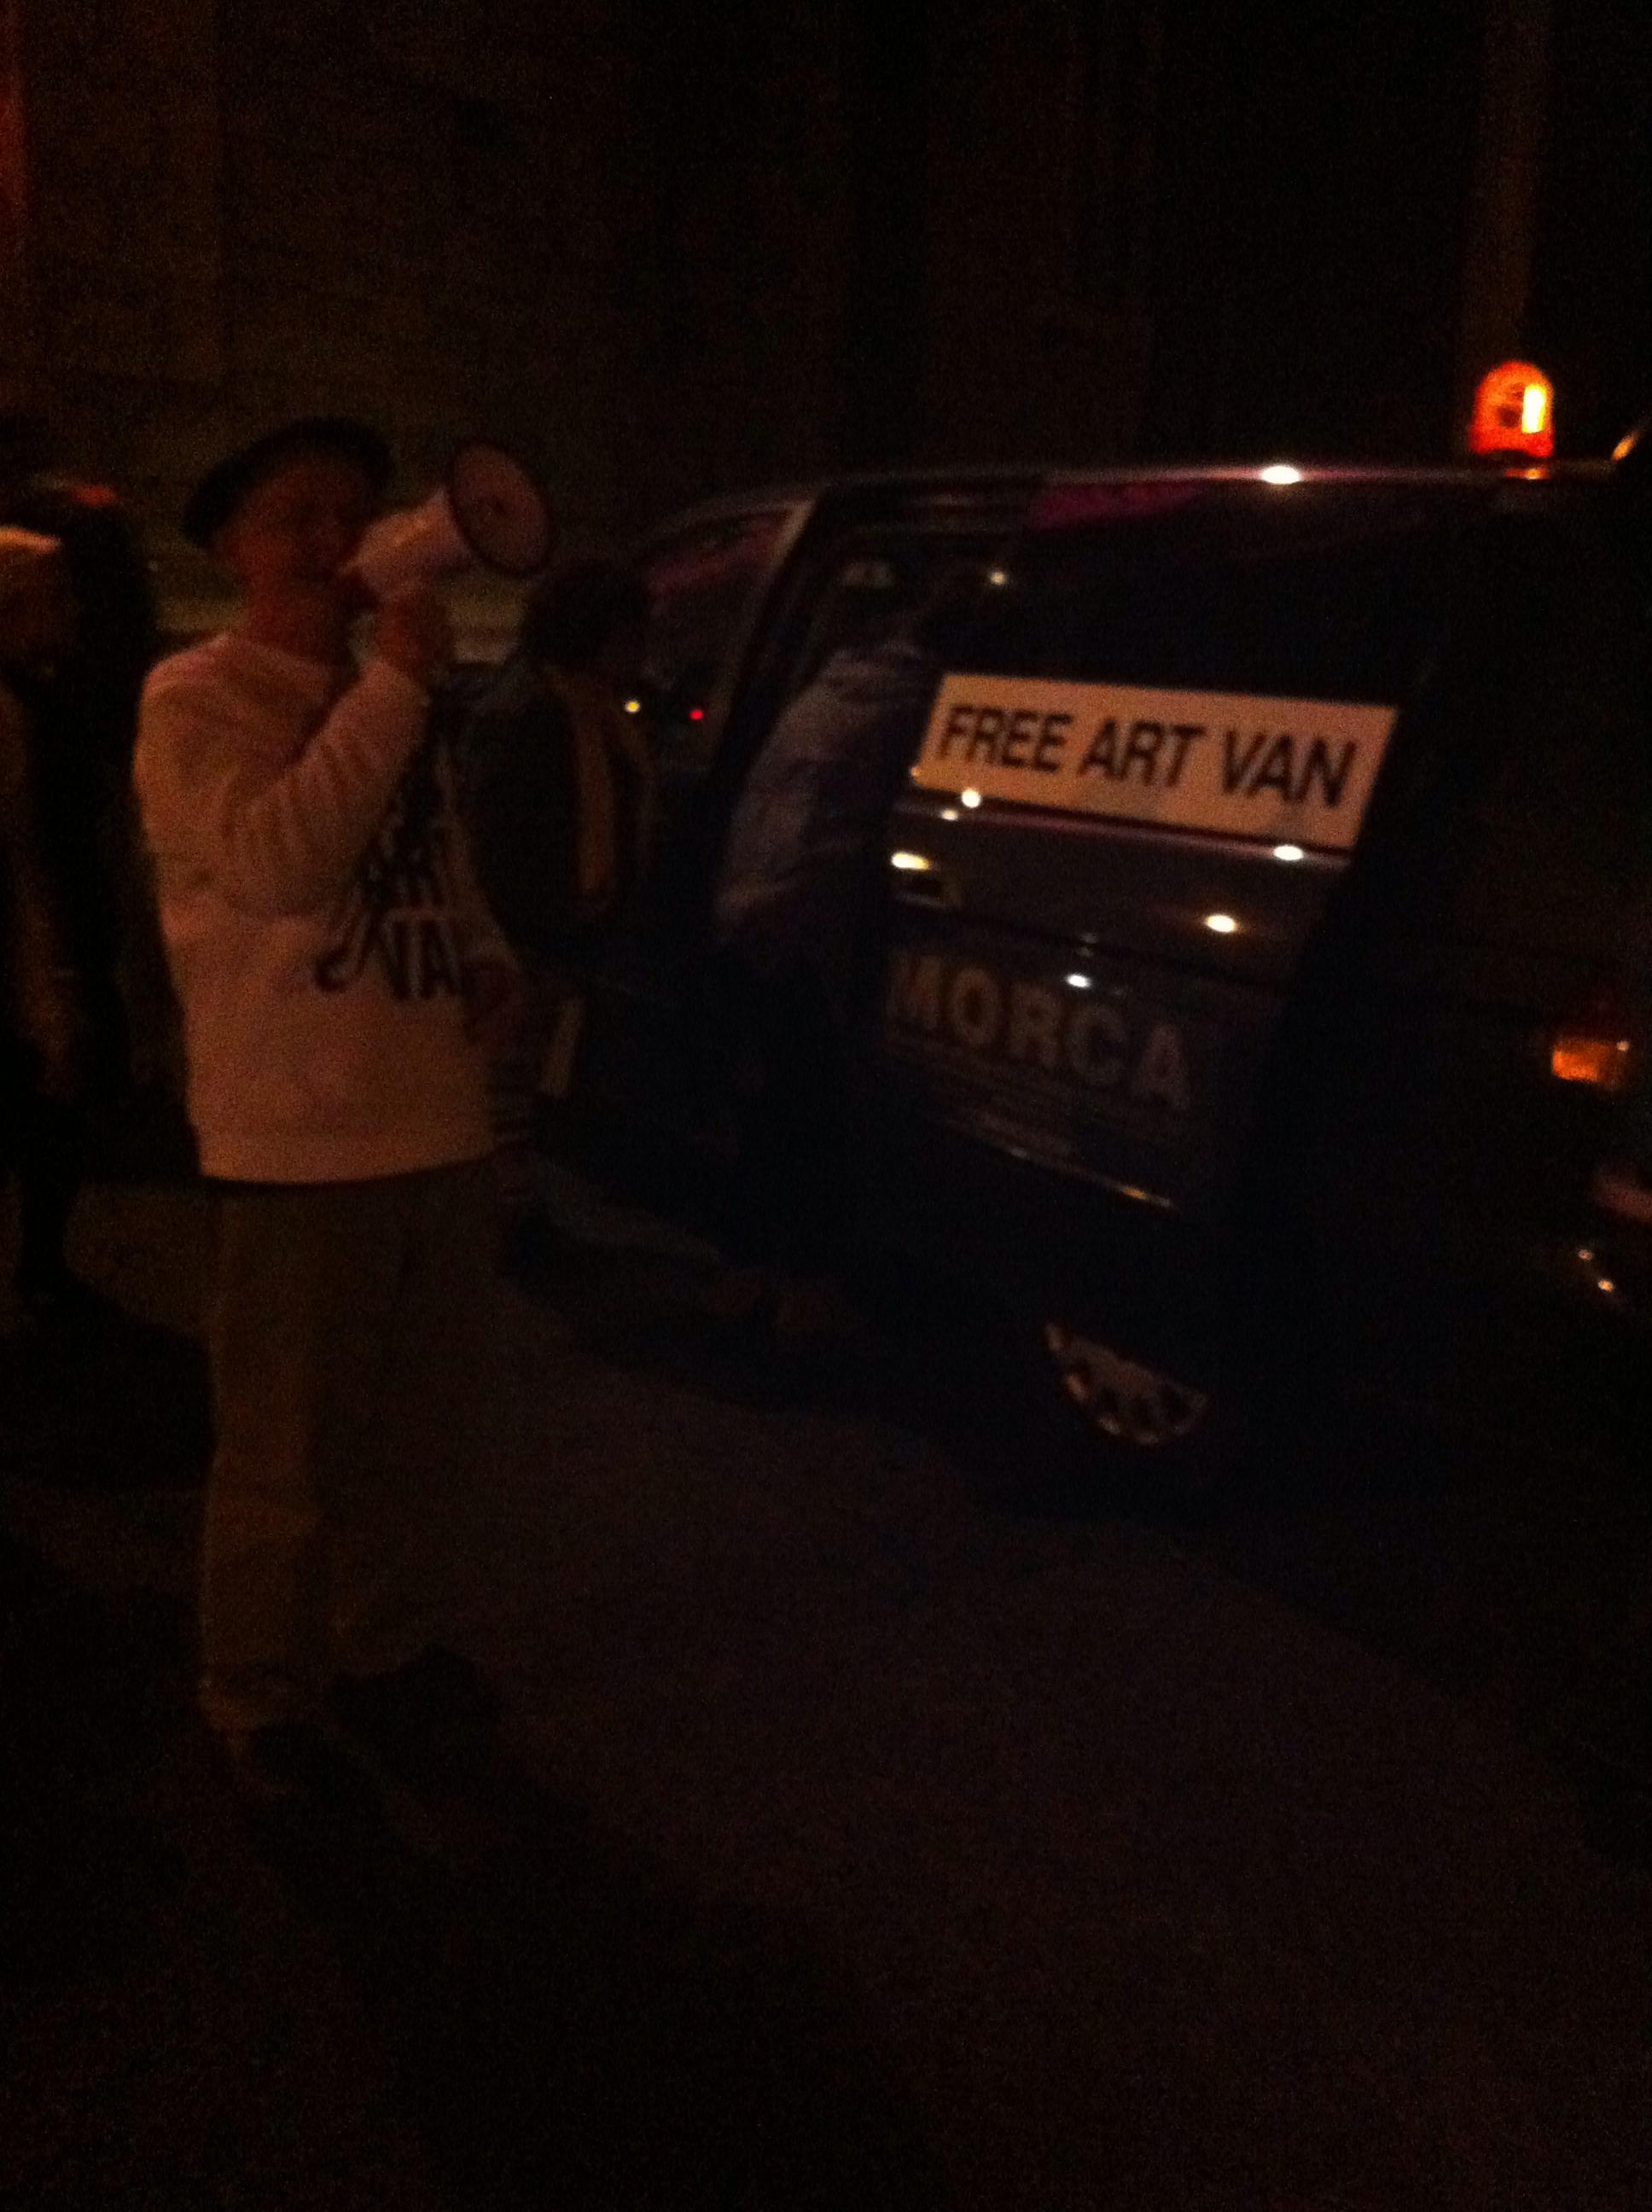 Rene's Free Art Van